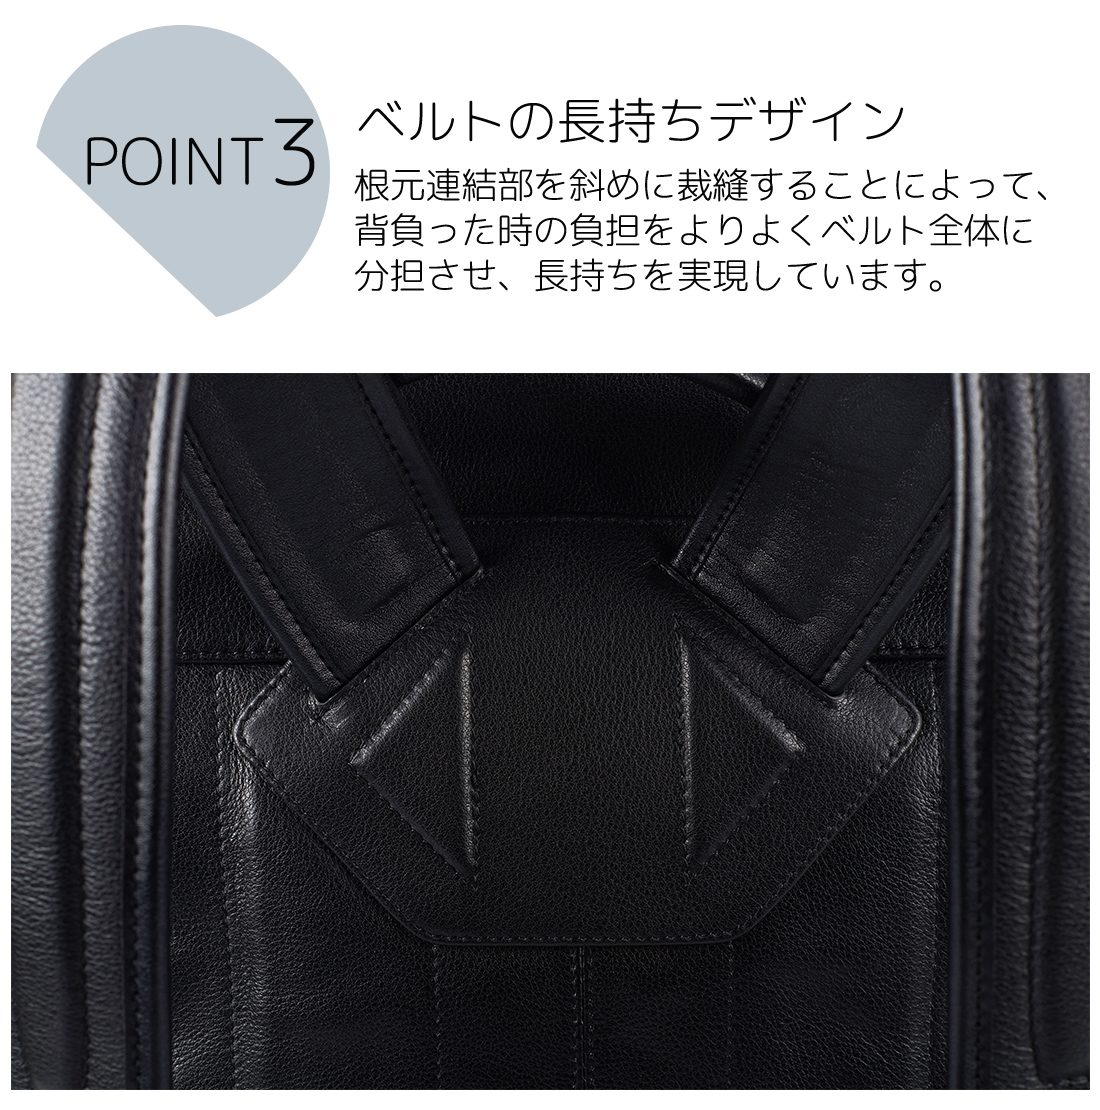 POINT3 ベルトの長持ちデザイン 根元連結部を斜めに裁縫することによって、背負った時の負担をよりよくベルト全体に分担させ、長持ちを実現しています。